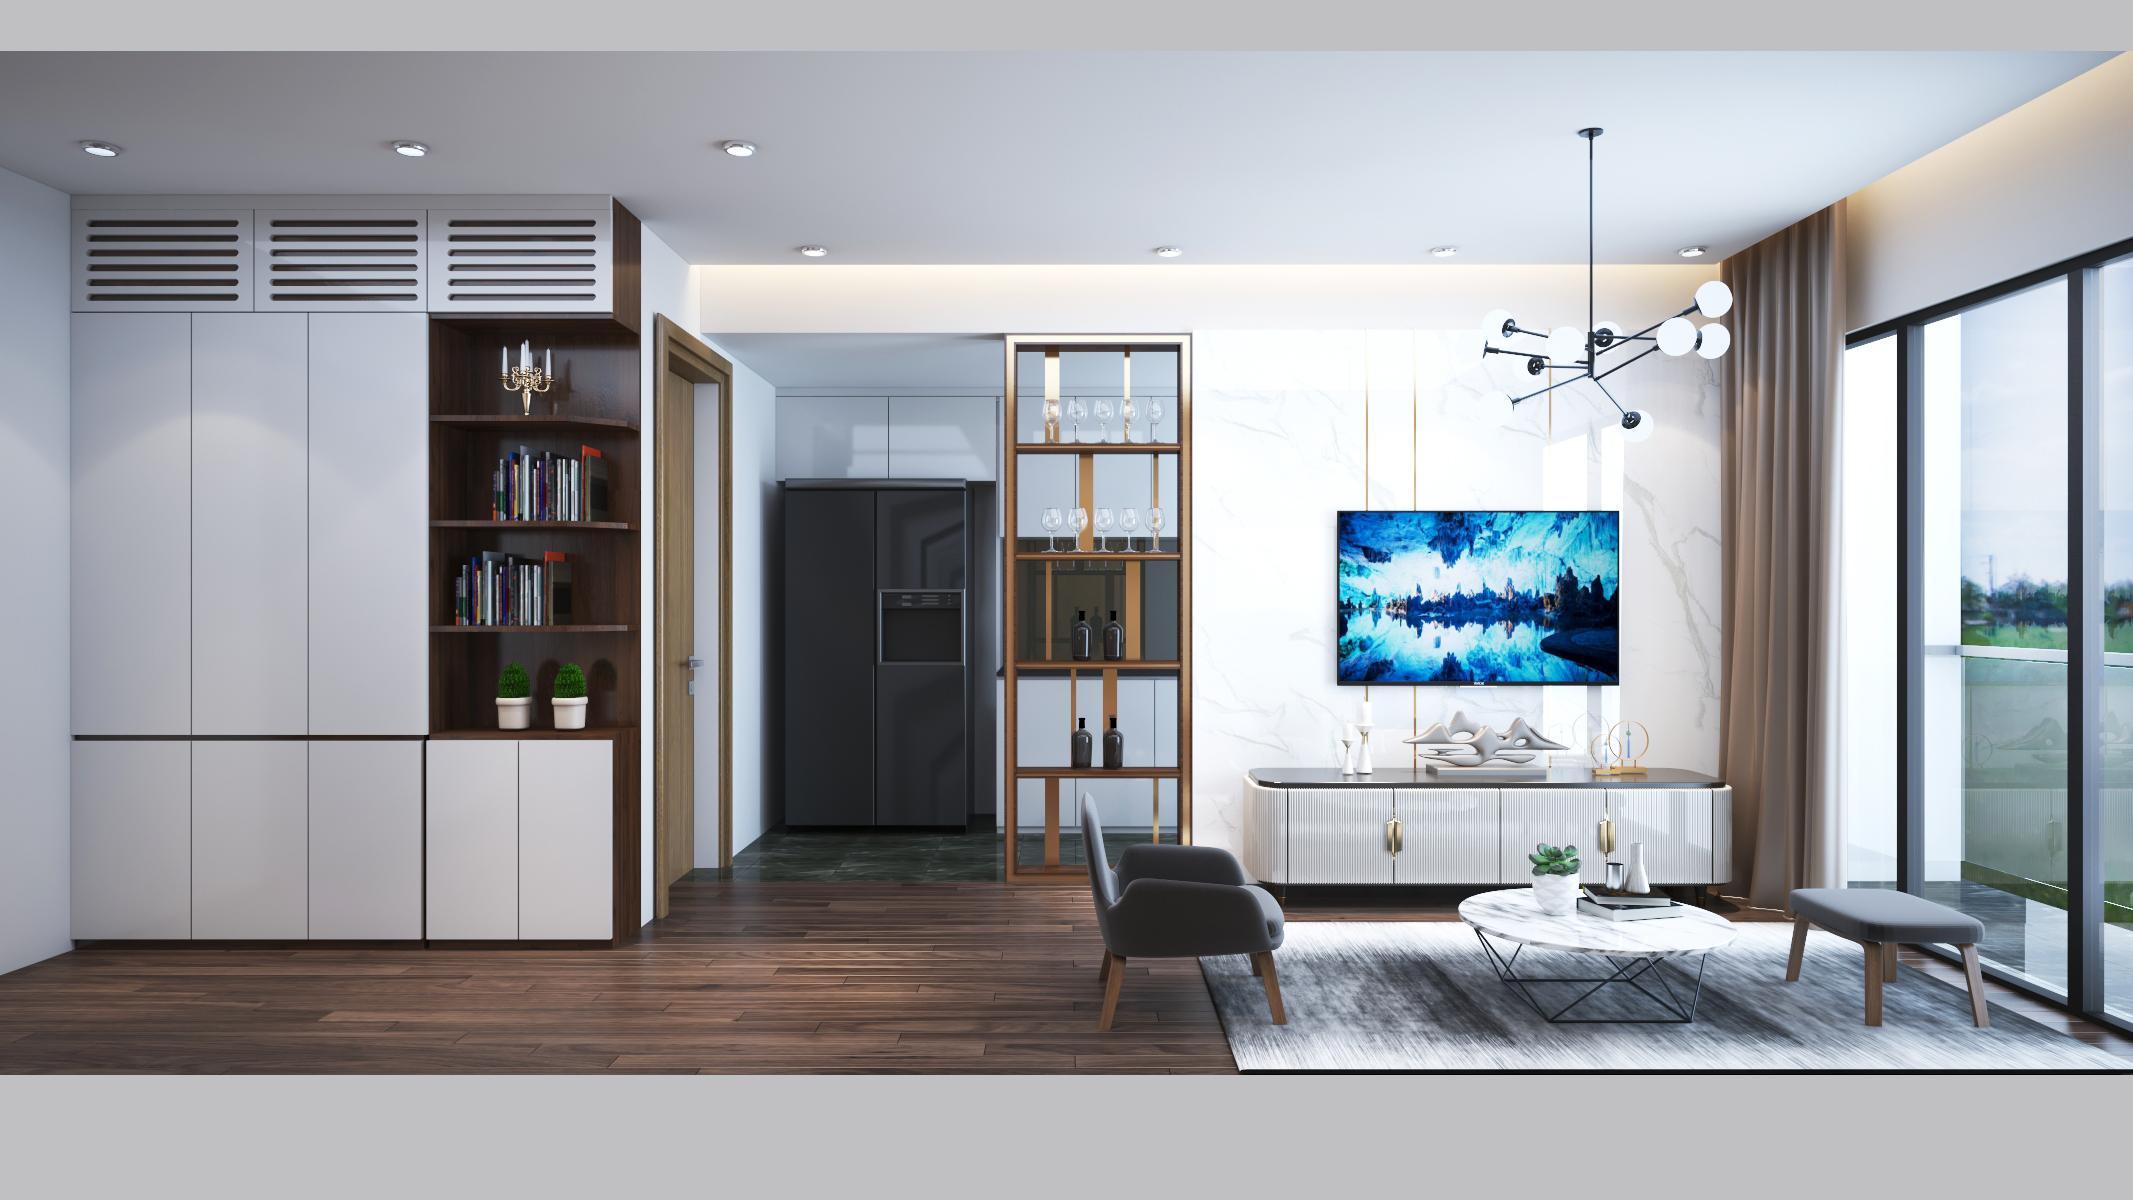 Thiết kế nội thất Chung Cư tại Hà Nội 6 Element Apartment 1584606767 2